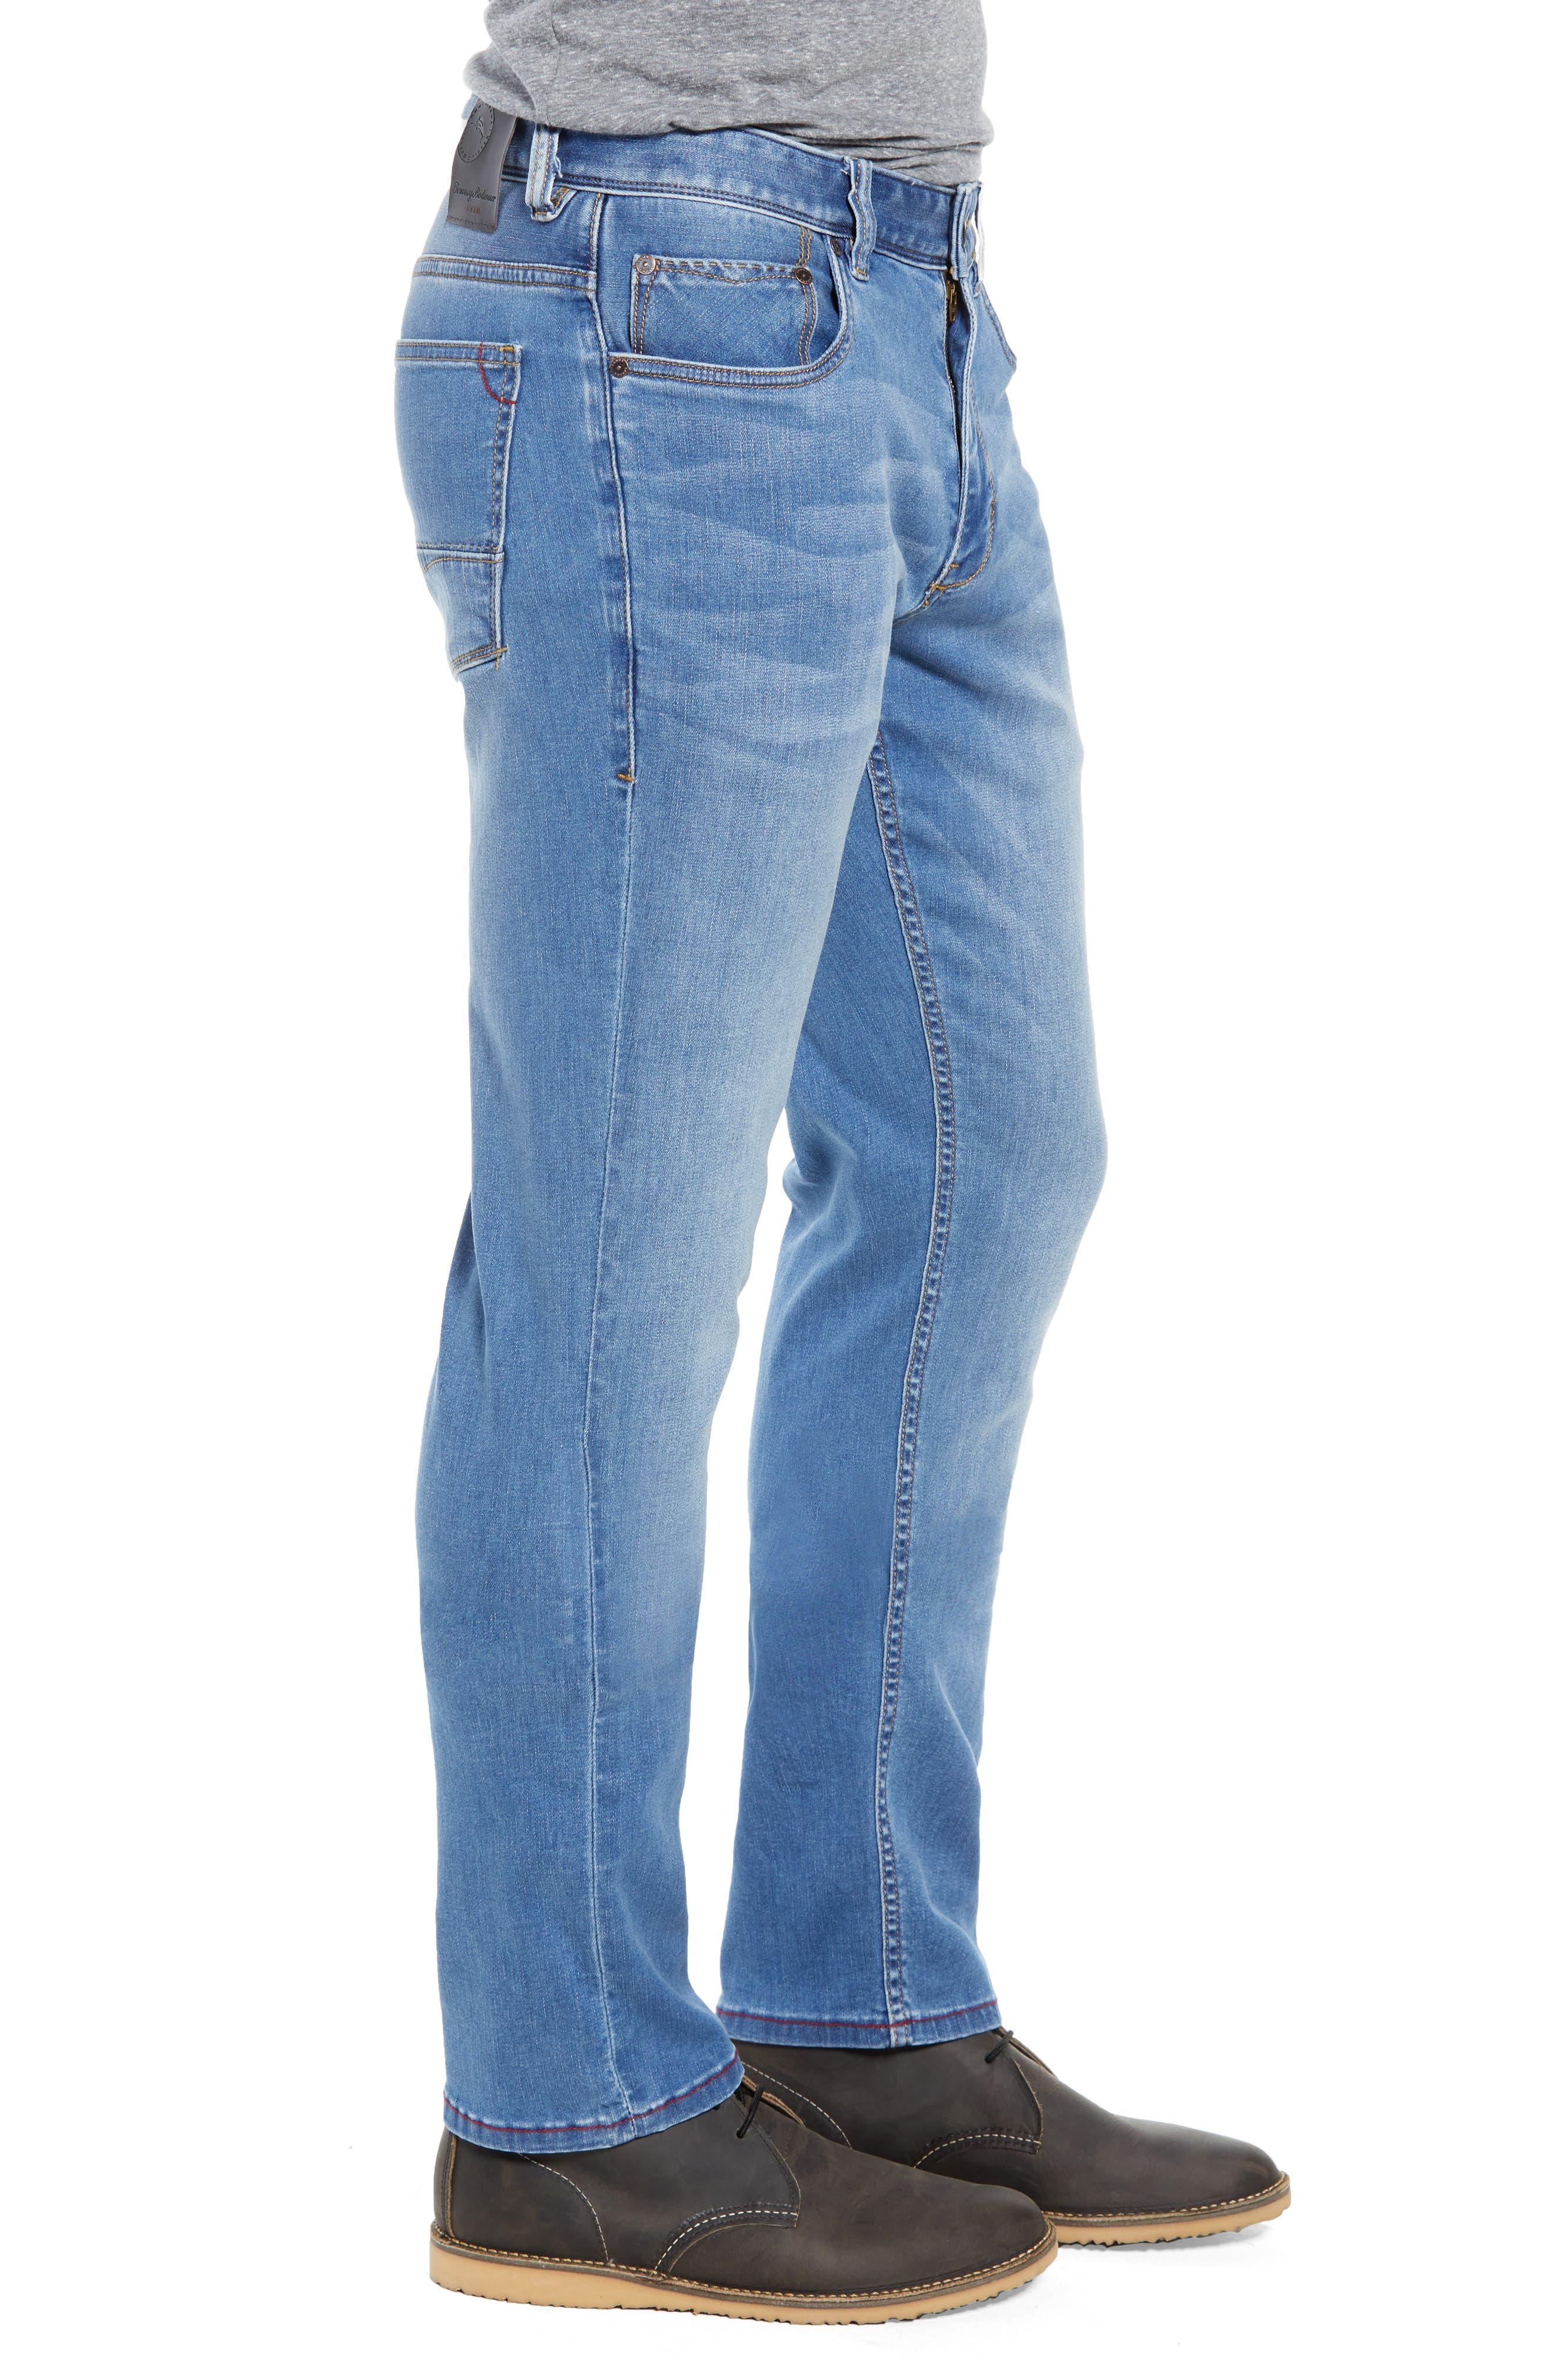 Costa Rica Vintage Regular Fit Jeans,                             Alternate thumbnail 3, color,                             MED WASH